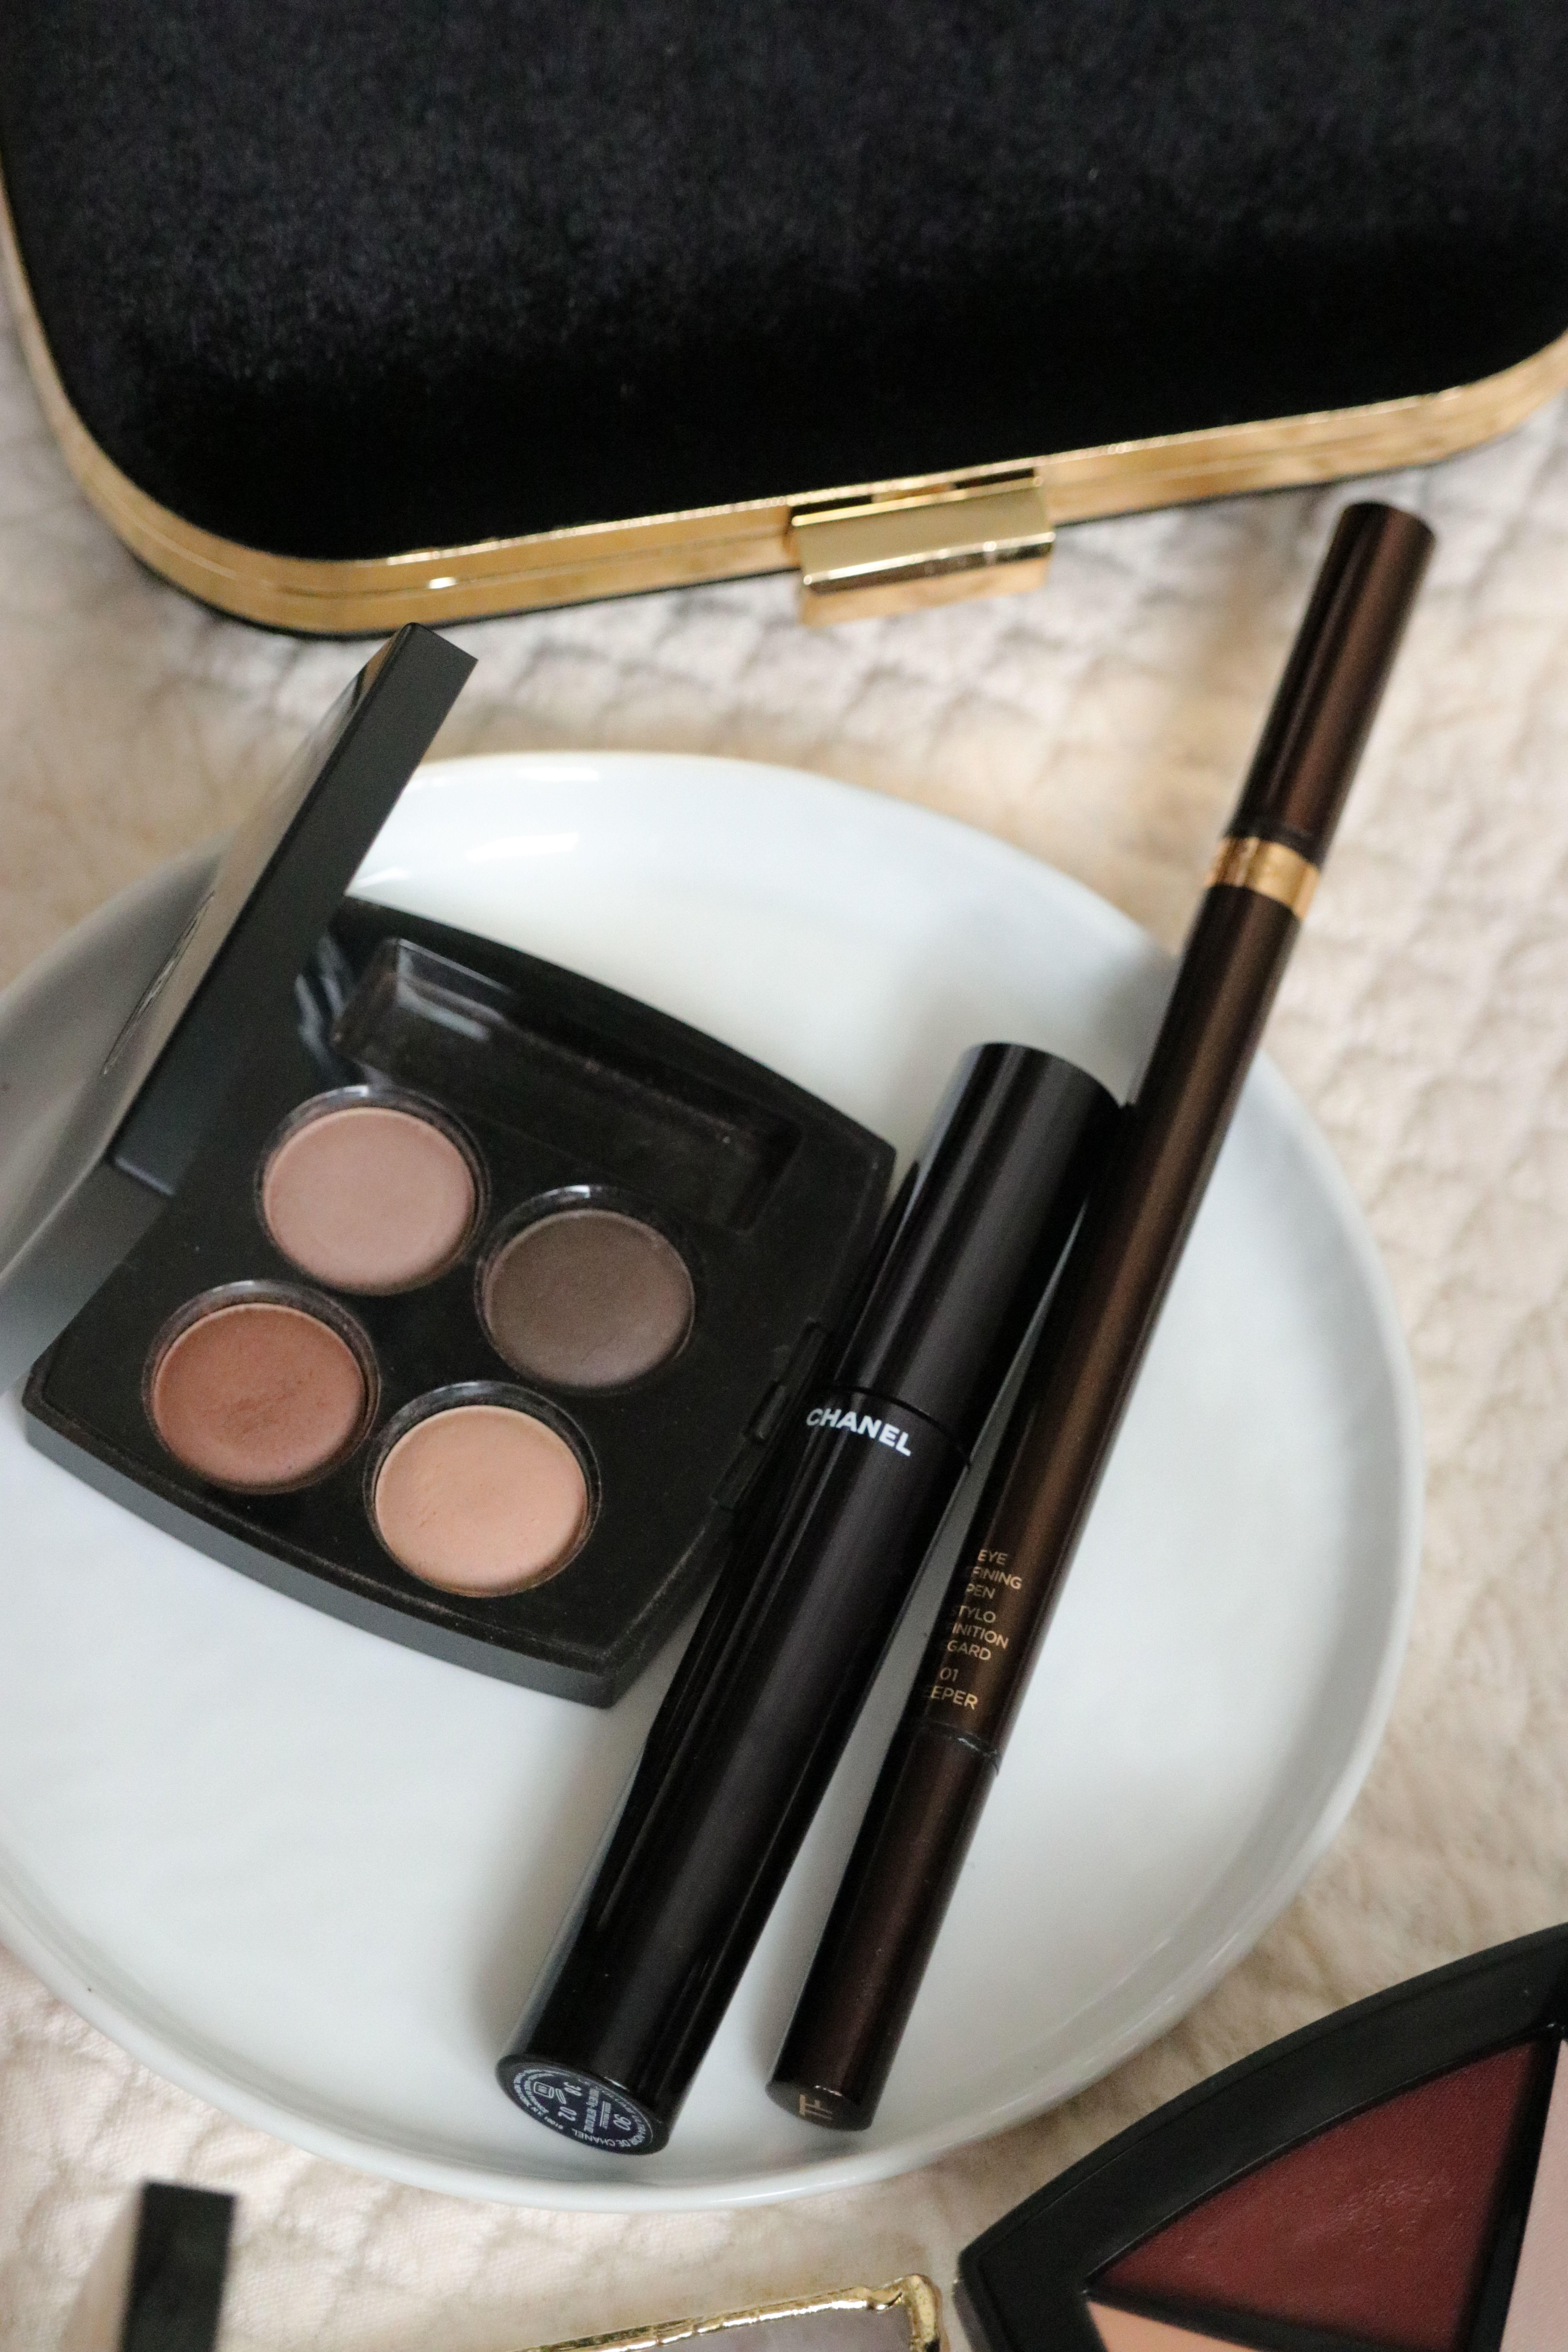 Chanel Clair Obscur Eyeshadow Palette Matte eyeshadow